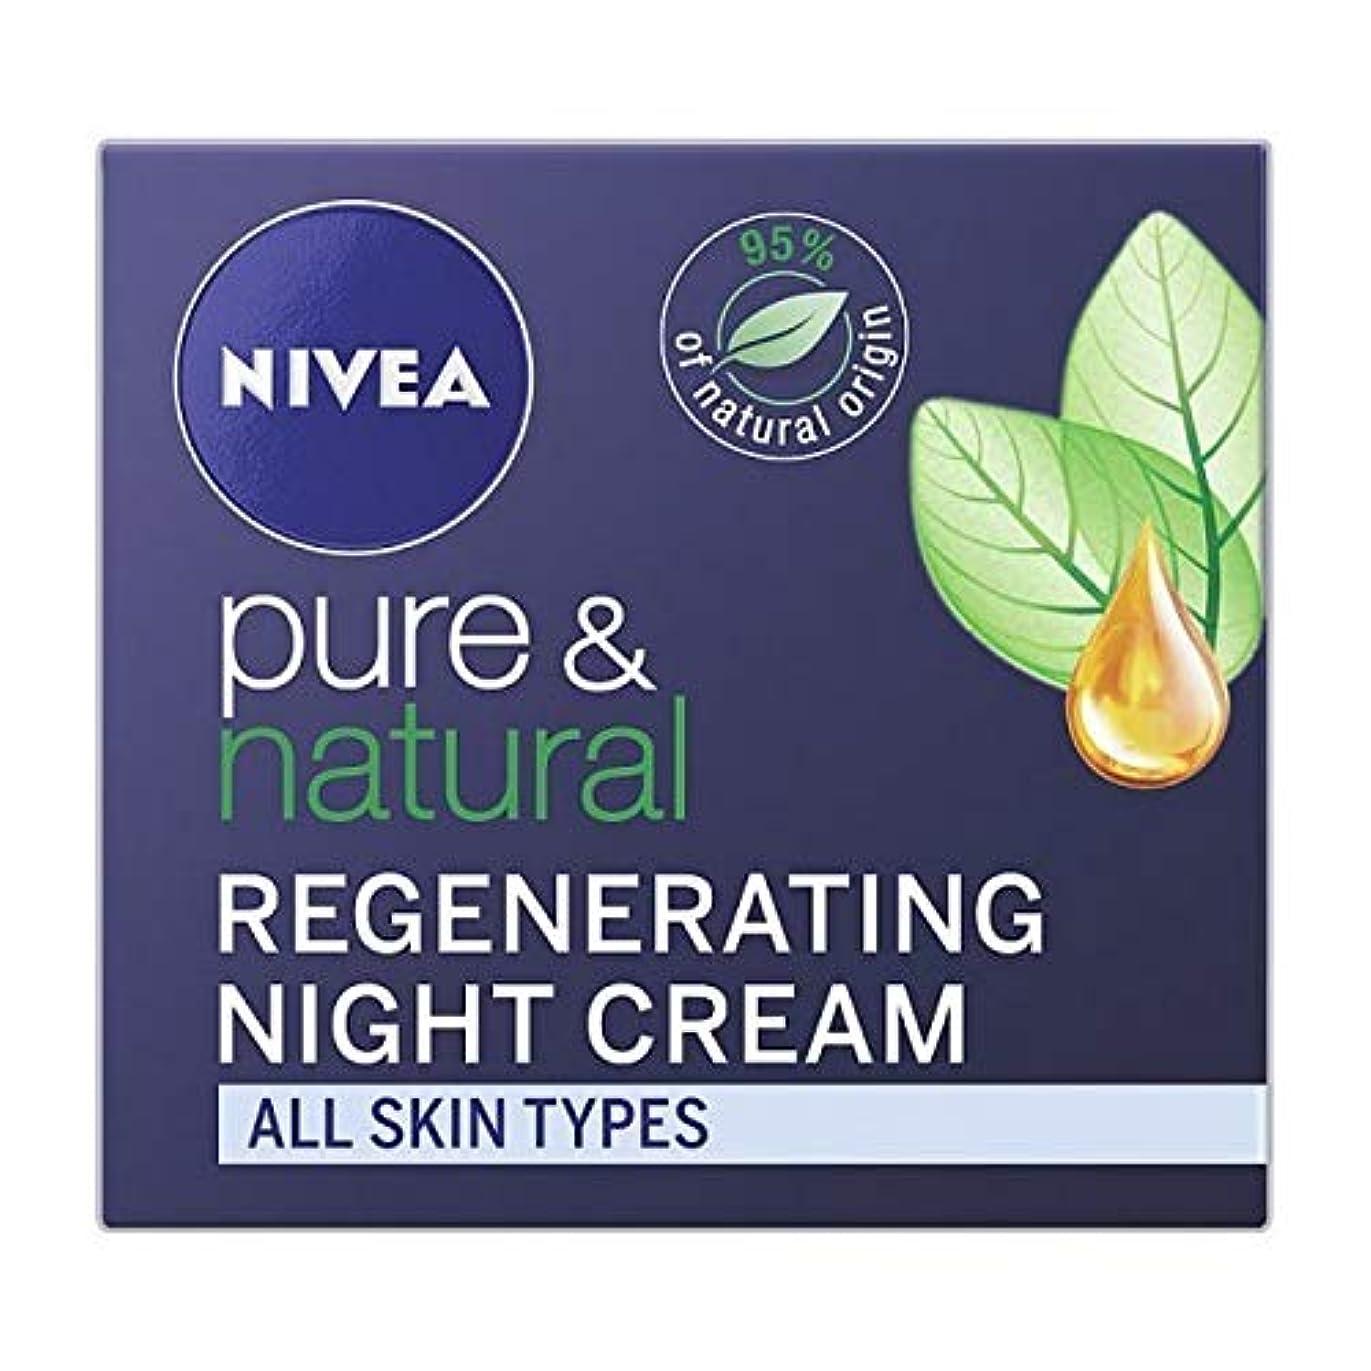 ガード全くジャベスウィルソン[Nivea ] ニベアピュア&ナチュラル夜の顔のクリーム、50ミリリットル - NIVEA Pure & Natural Night Face Cream, 50ml [並行輸入品]